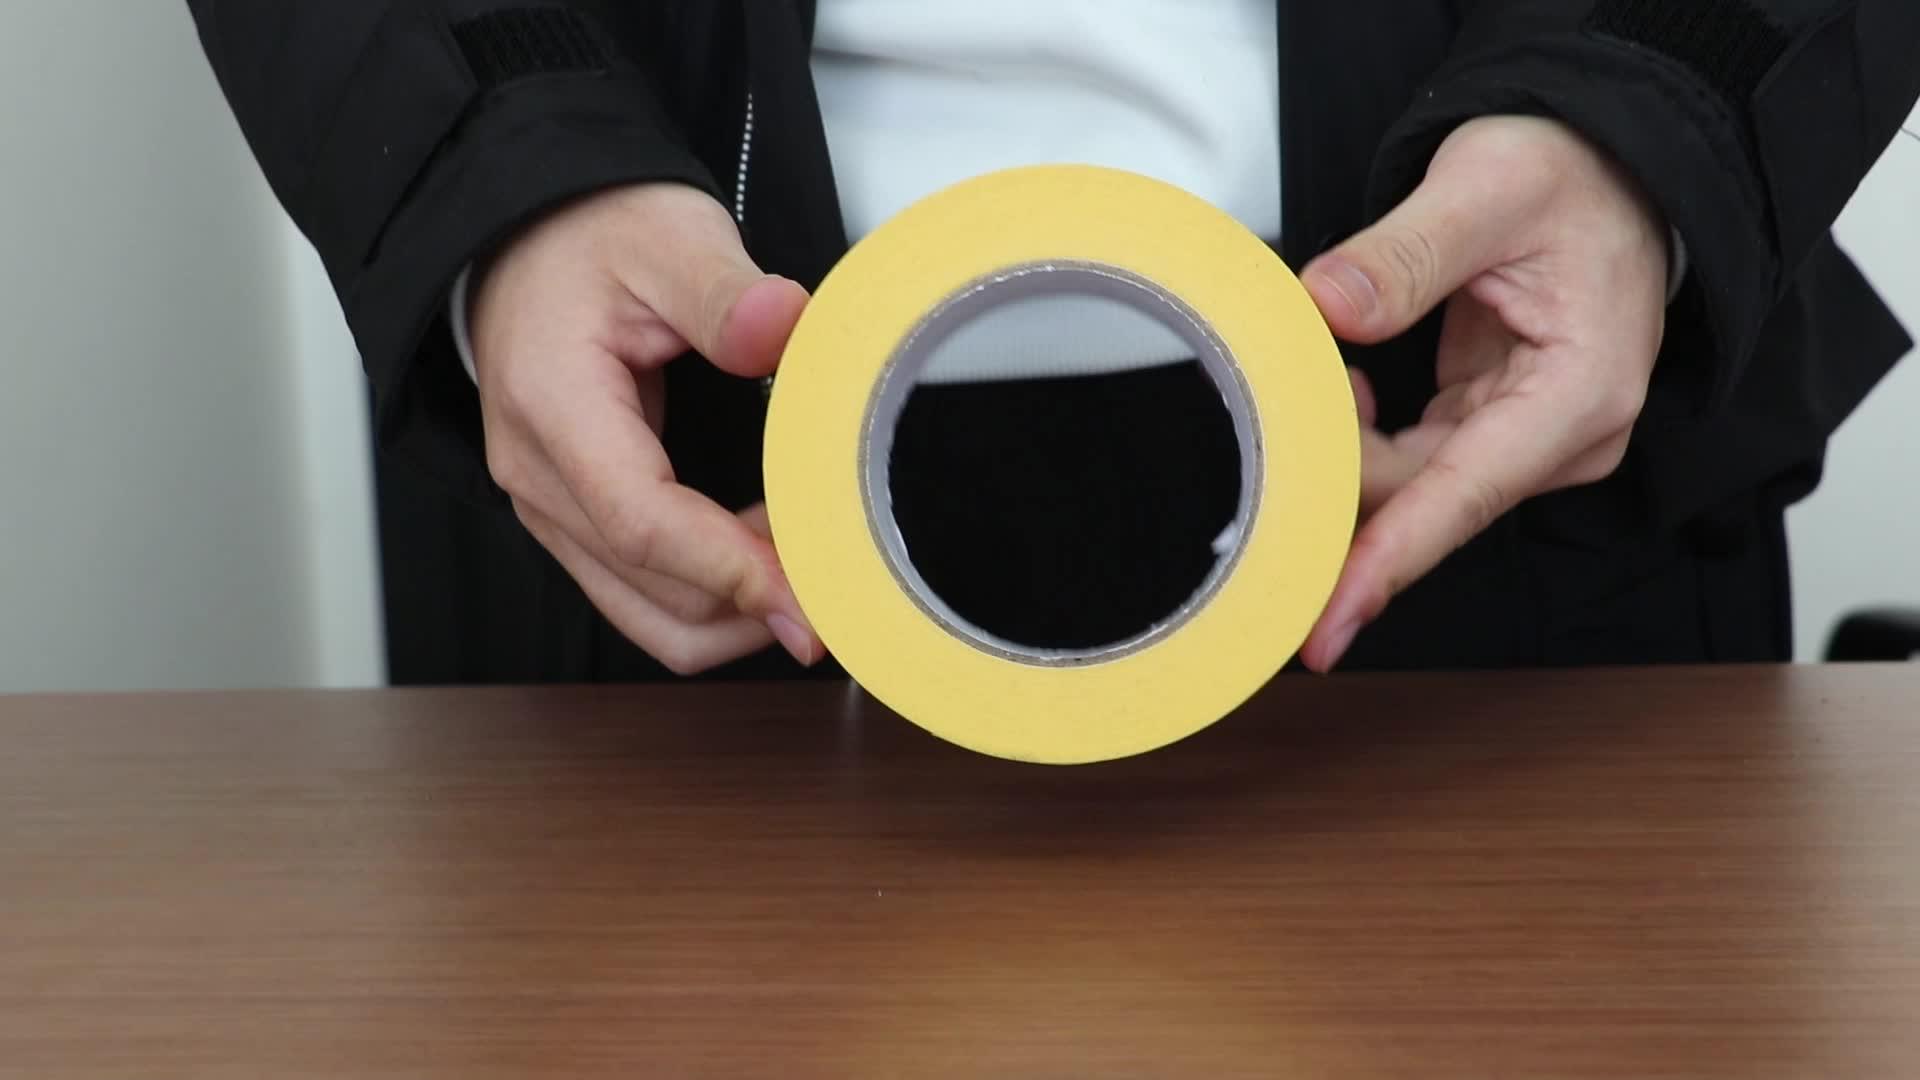 טמפרטורה גבוהה עמיד אין שאריות צהוב אוטומטי ציור רכב רכב מיסוך נייר דבק קלטת